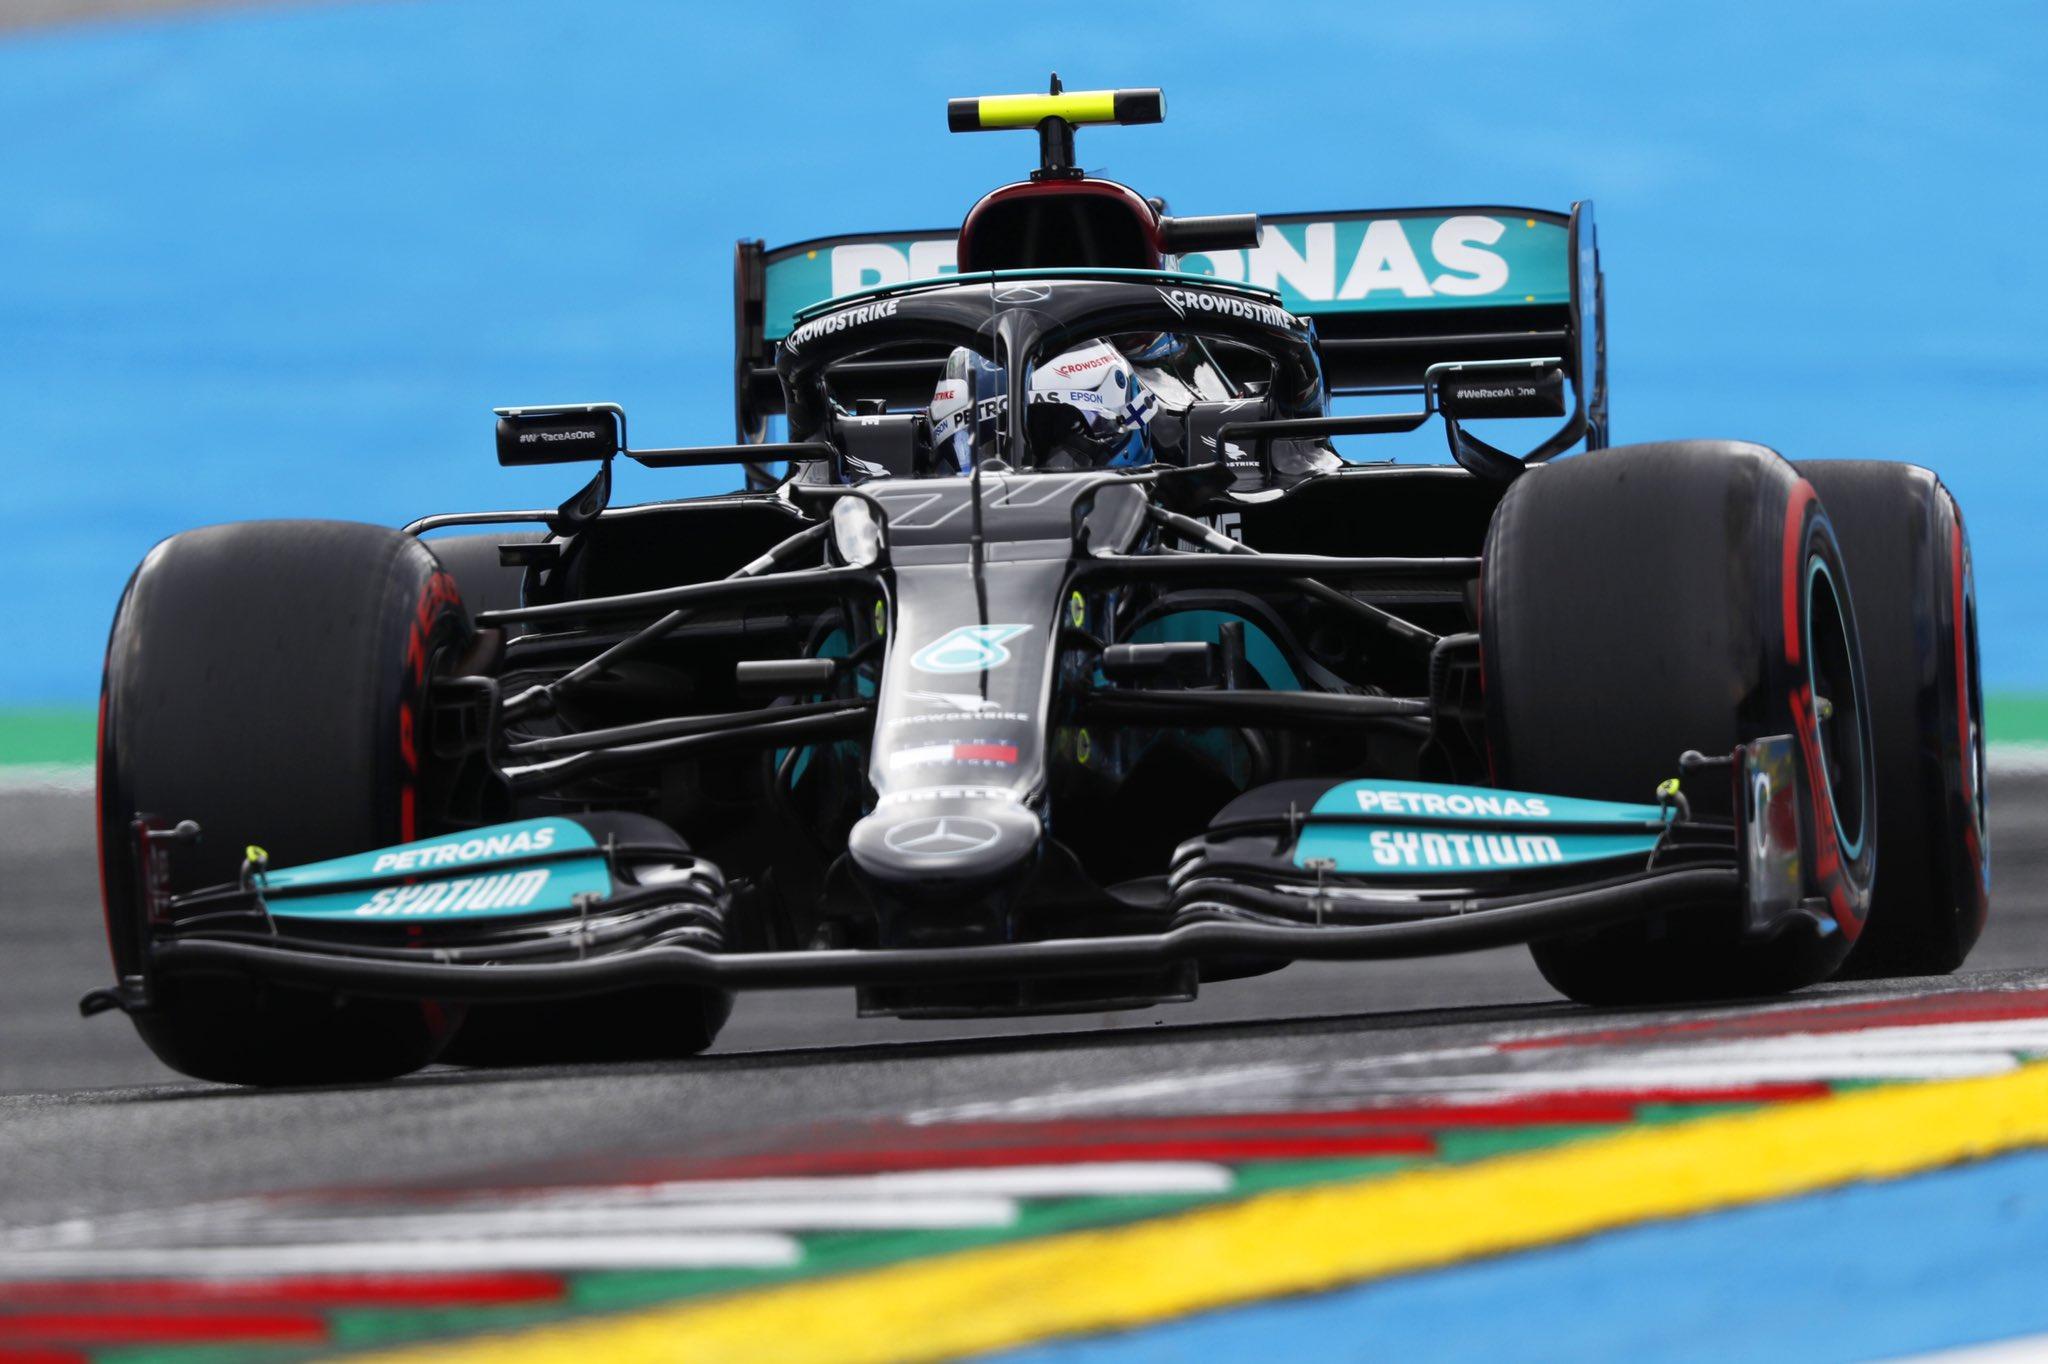 Bottas della Mercedes ha preso 3 posizioni di penalità per guida pericolosa.